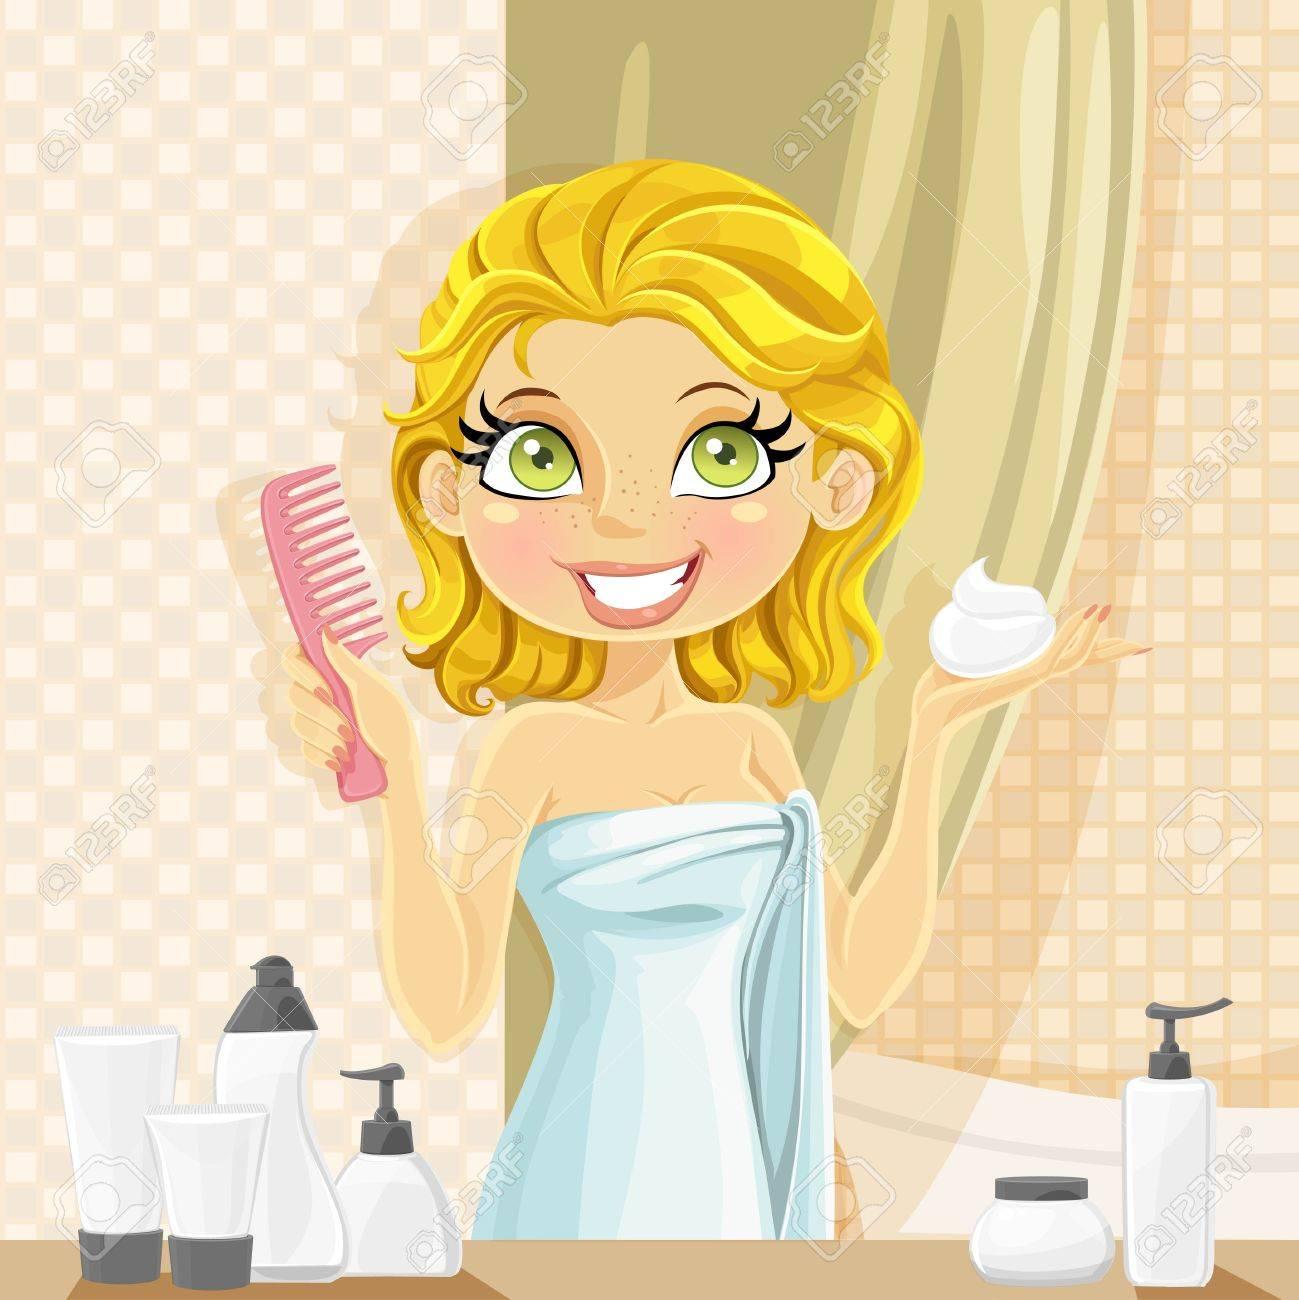 美しい若いブルネットの女性は バスルームで濡れた髪スタイリング ムースを置きます のイラスト素材 ベクタ Image